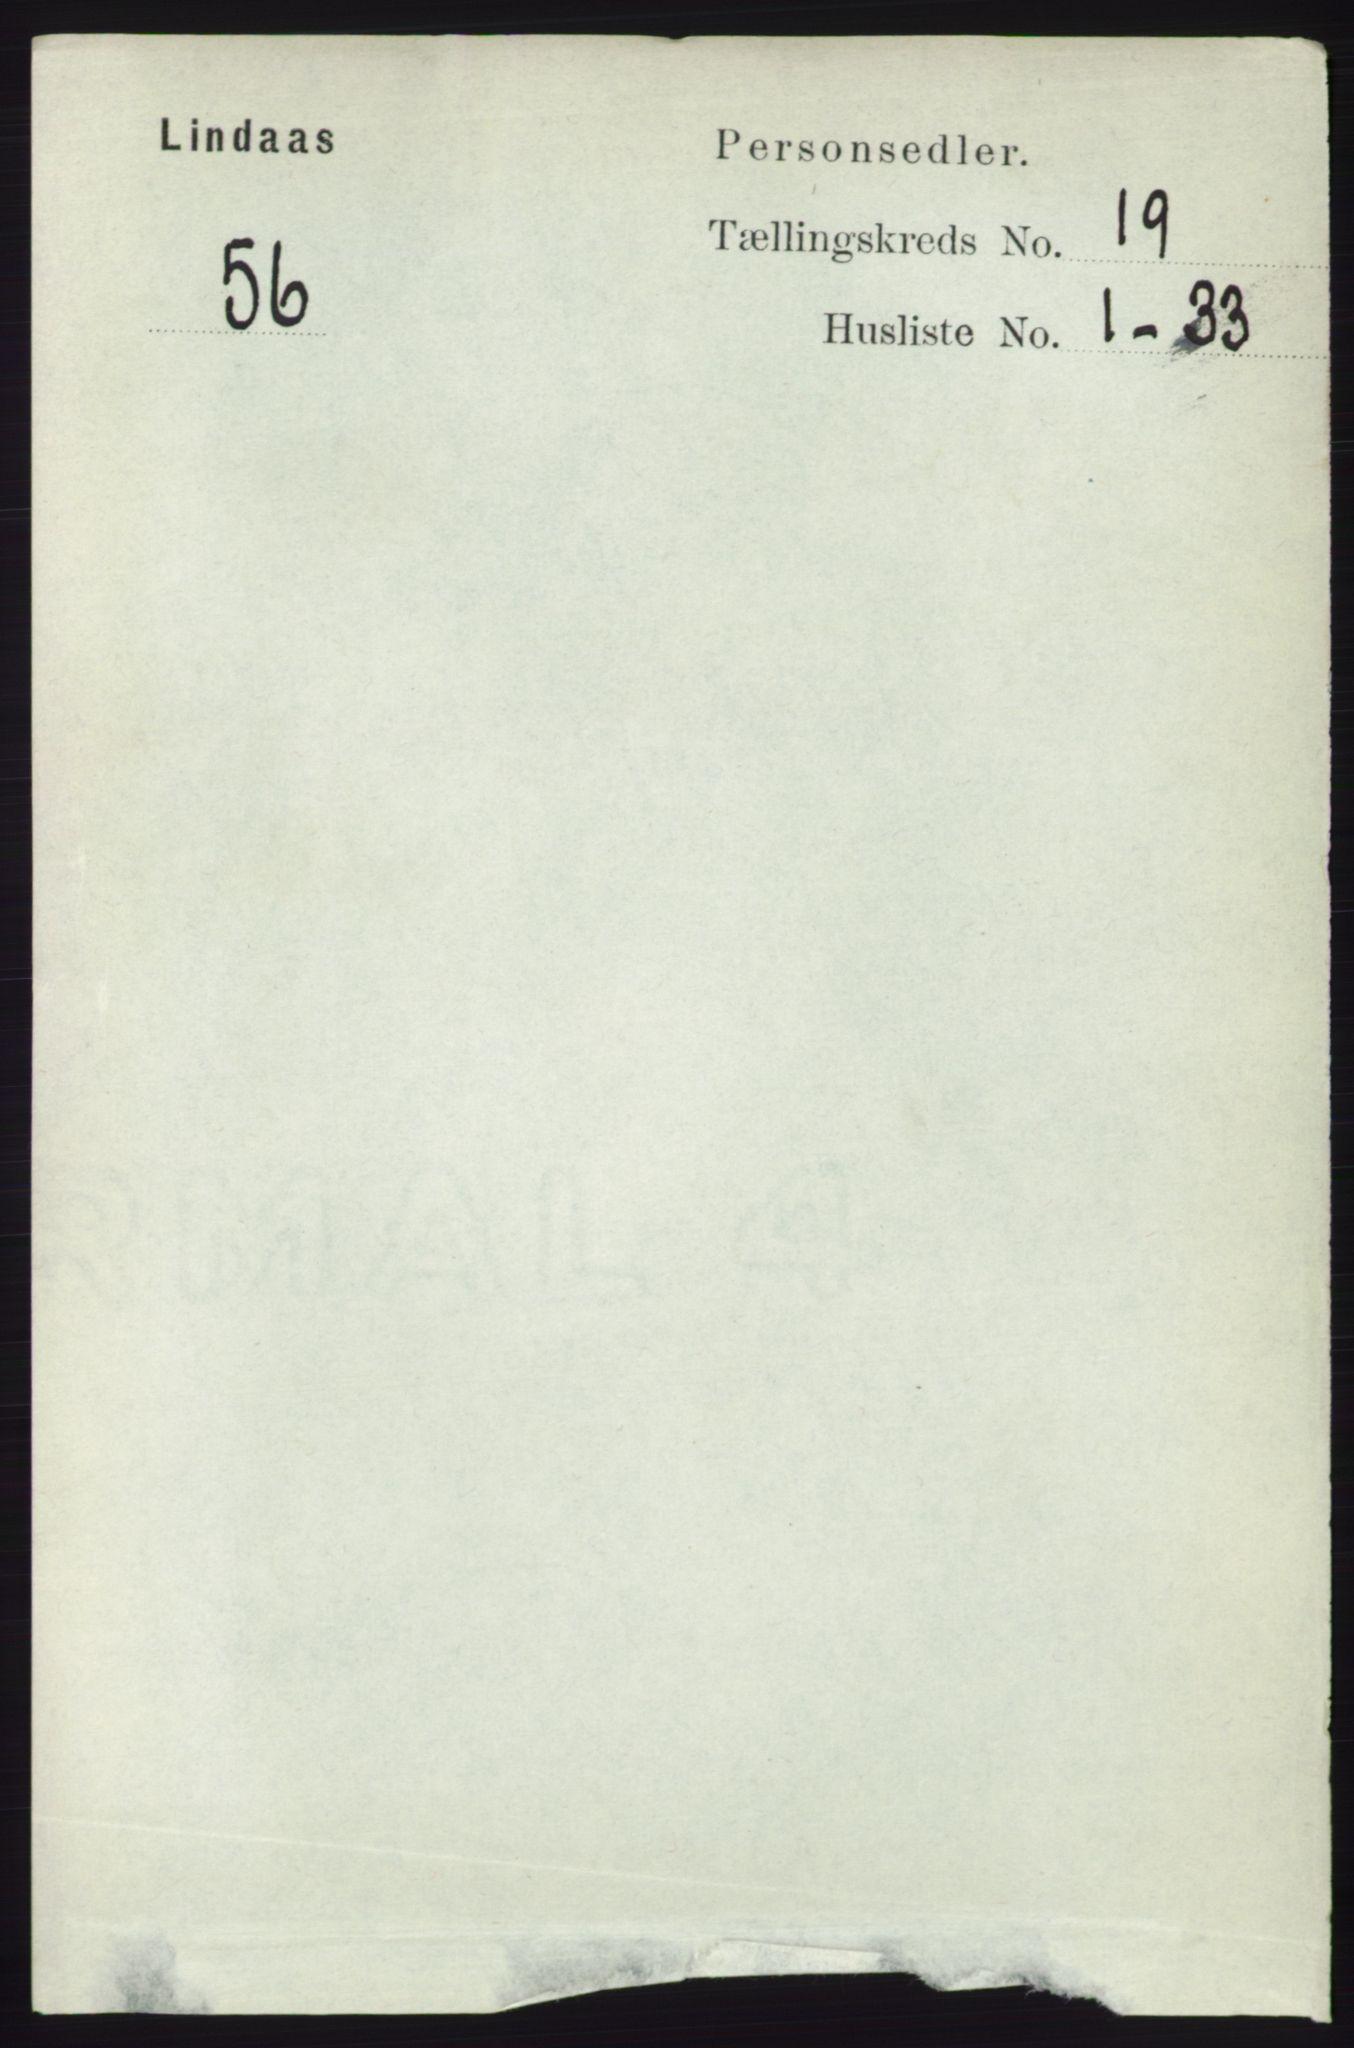 RA, Folketelling 1891 for 1263 Lindås herred, 1891, s. 6930